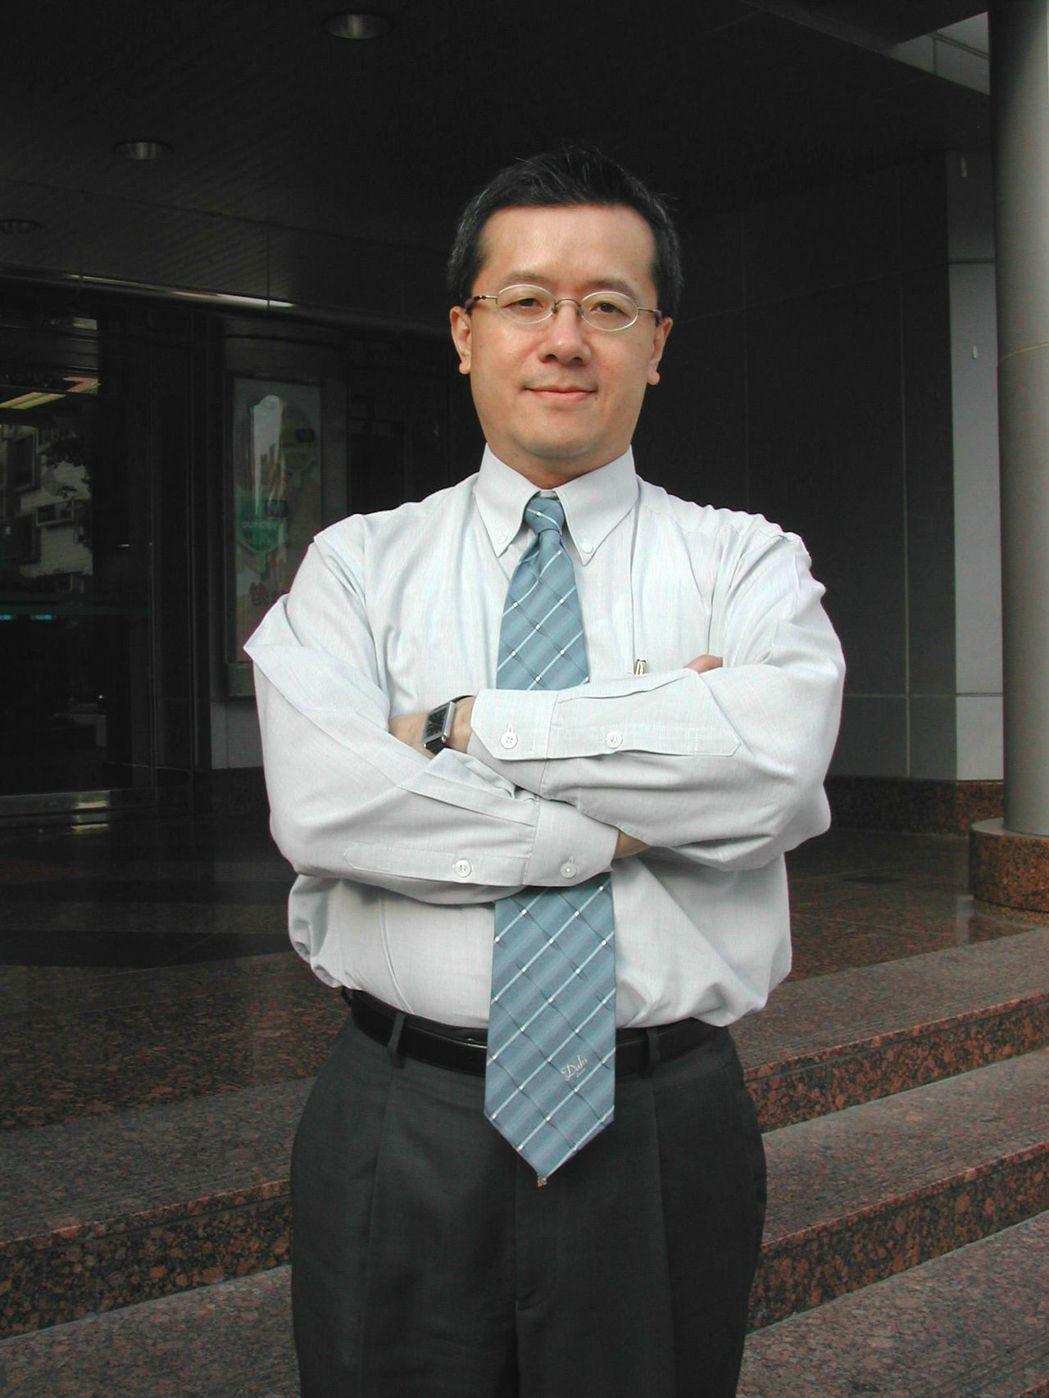 八大執行副總潘祖蔭3月1日將赴中天報到。圖/聯合報系資料照